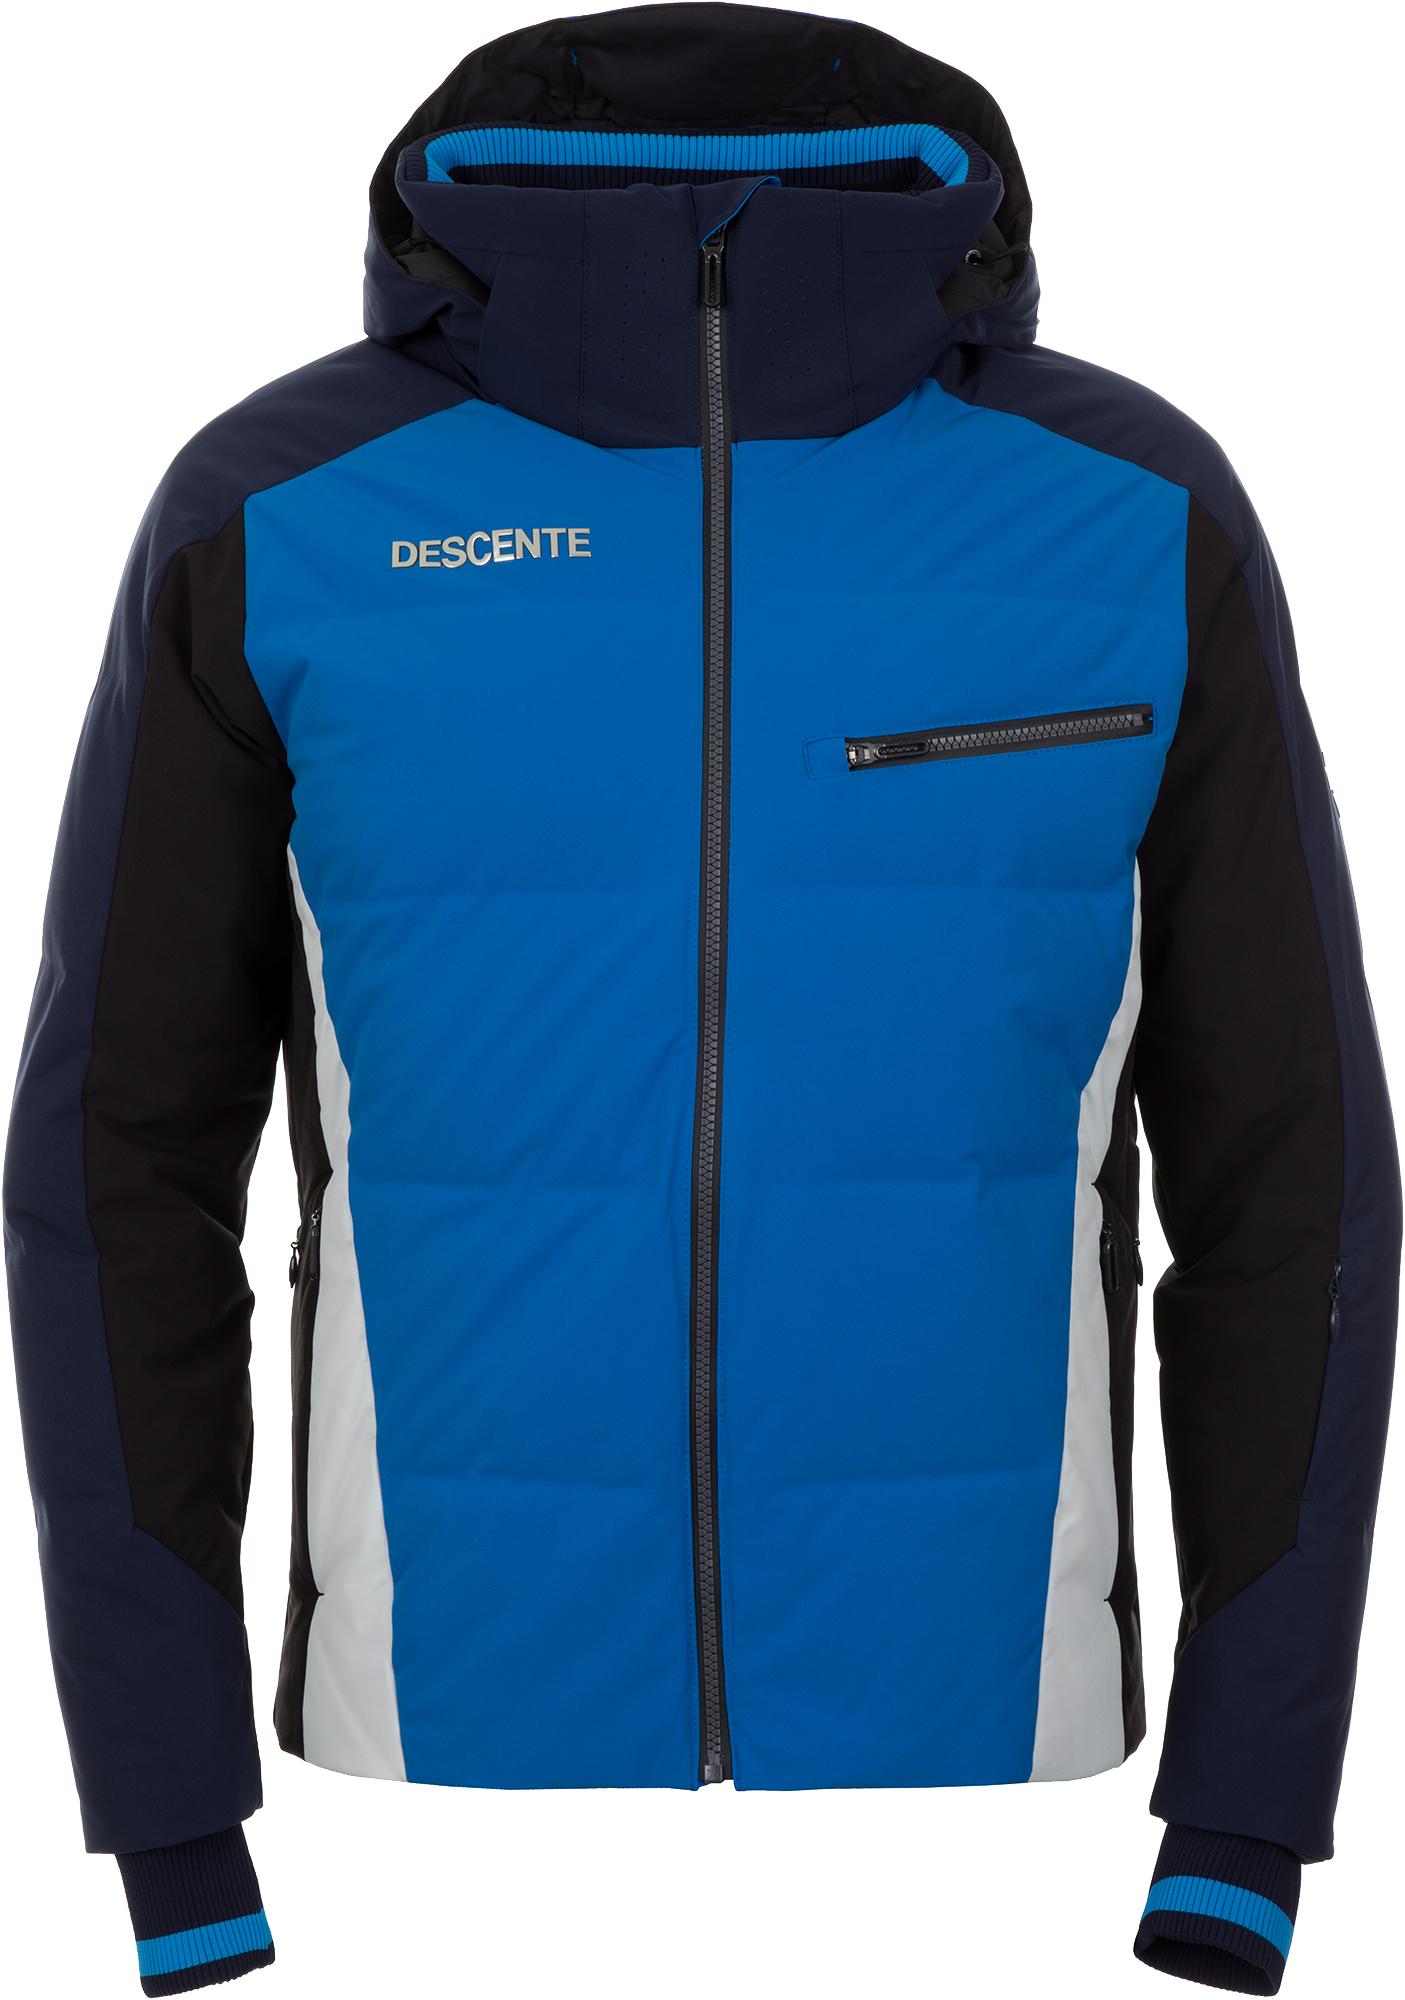 Descente Куртка пуховая мужская Spain, размер 50